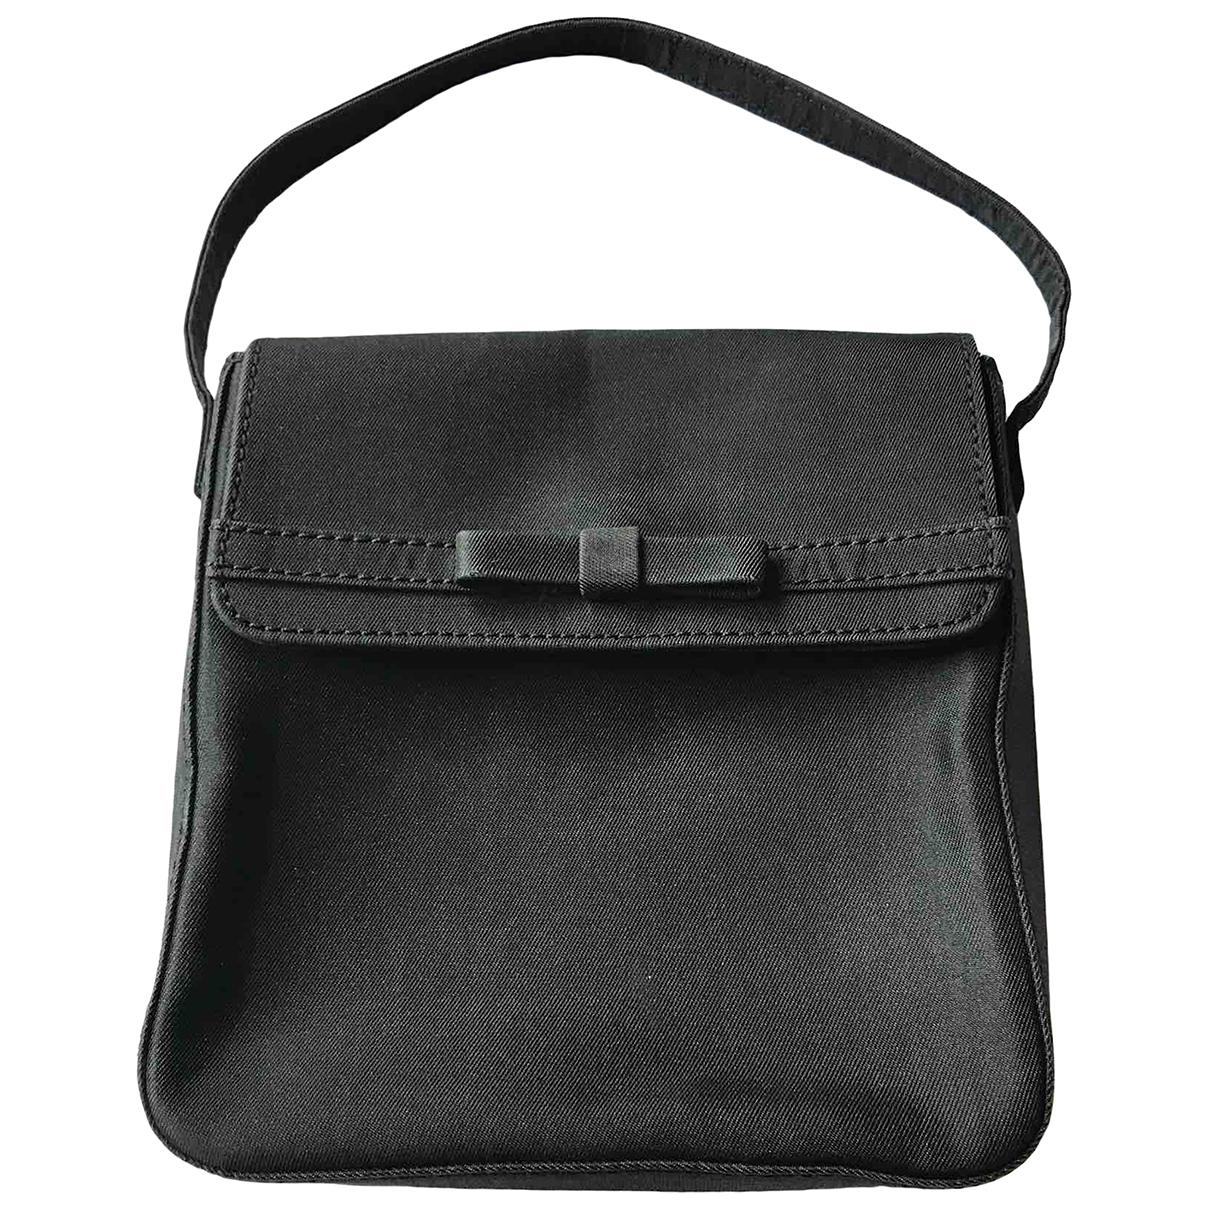 Anya Hindmarch \N Handtasche in  Schwarz Polyester